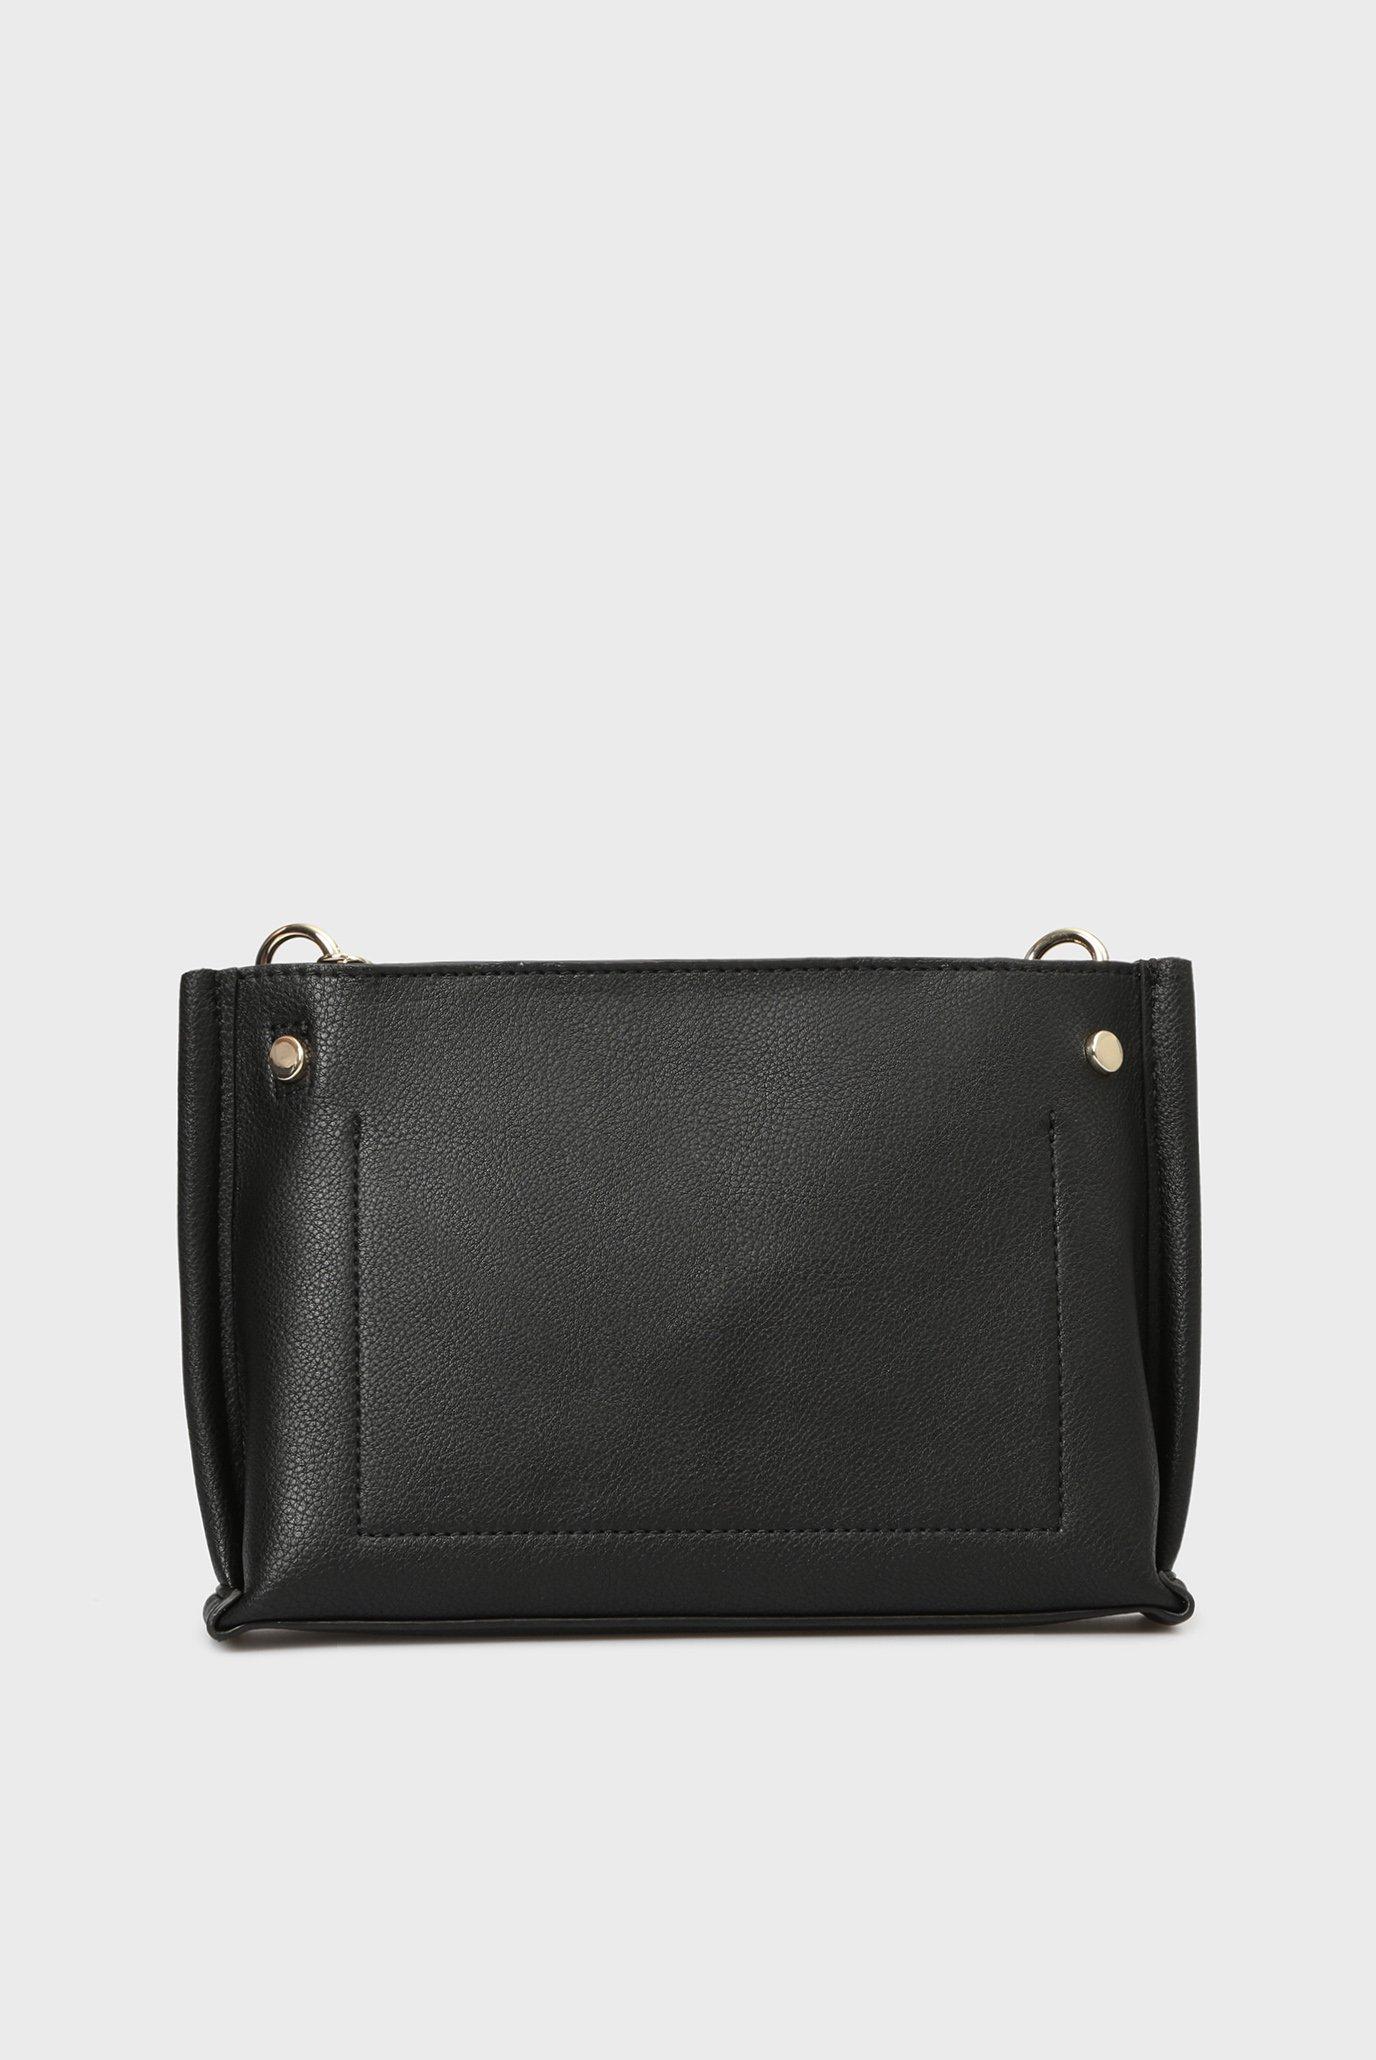 Купить Женская черная сумка через плечо TOMMY CHAIN CROSSOVER Tommy Hilfiger Tommy Hilfiger AW0AW05812 – Киев, Украина. Цены в интернет магазине MD Fashion